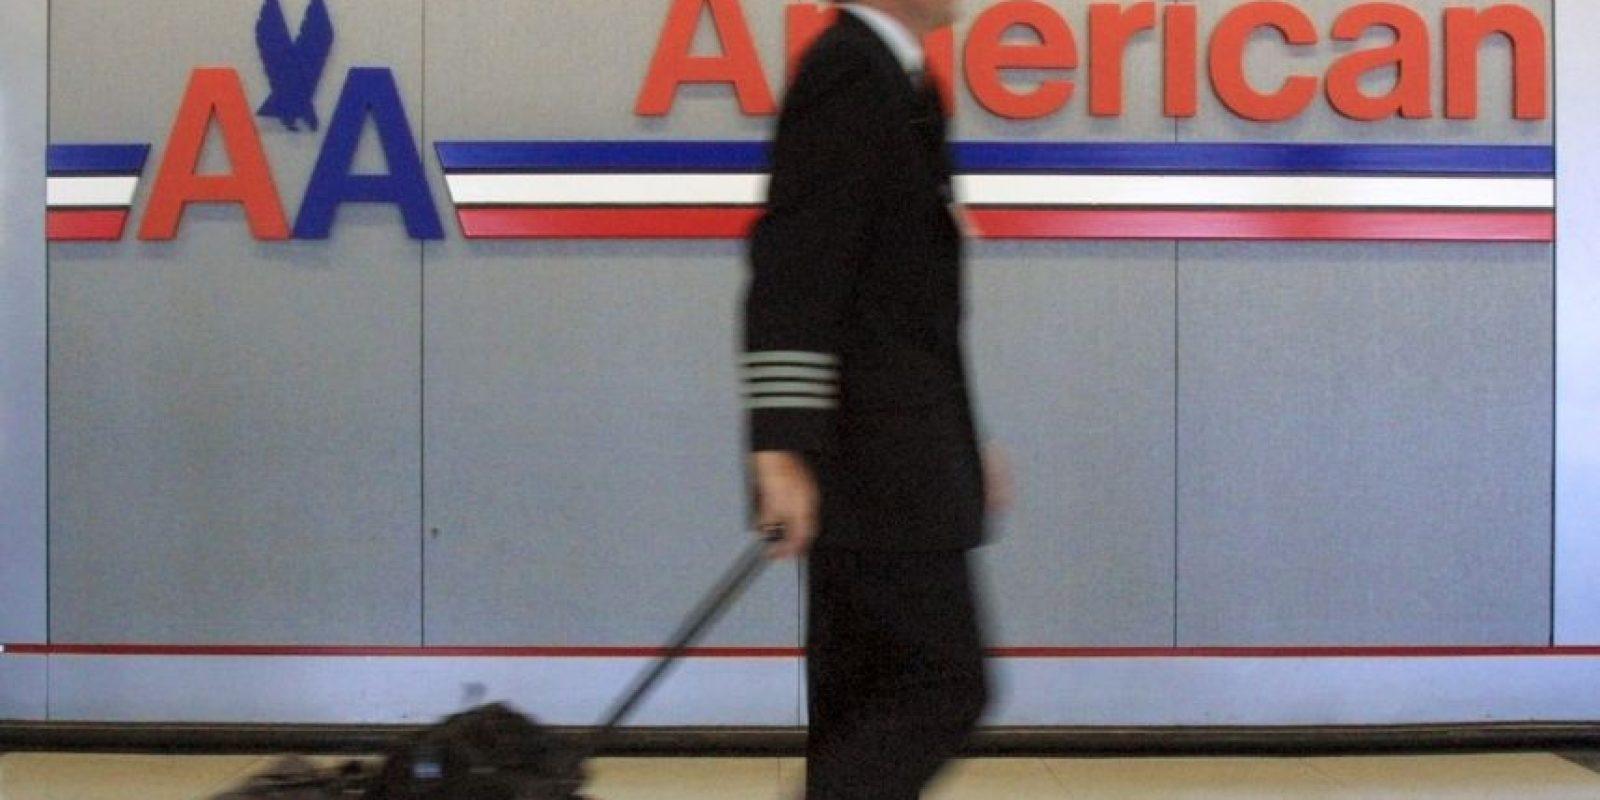 Perteneciente a la compañía estadounidense American Airlines. Foto:Getty Images